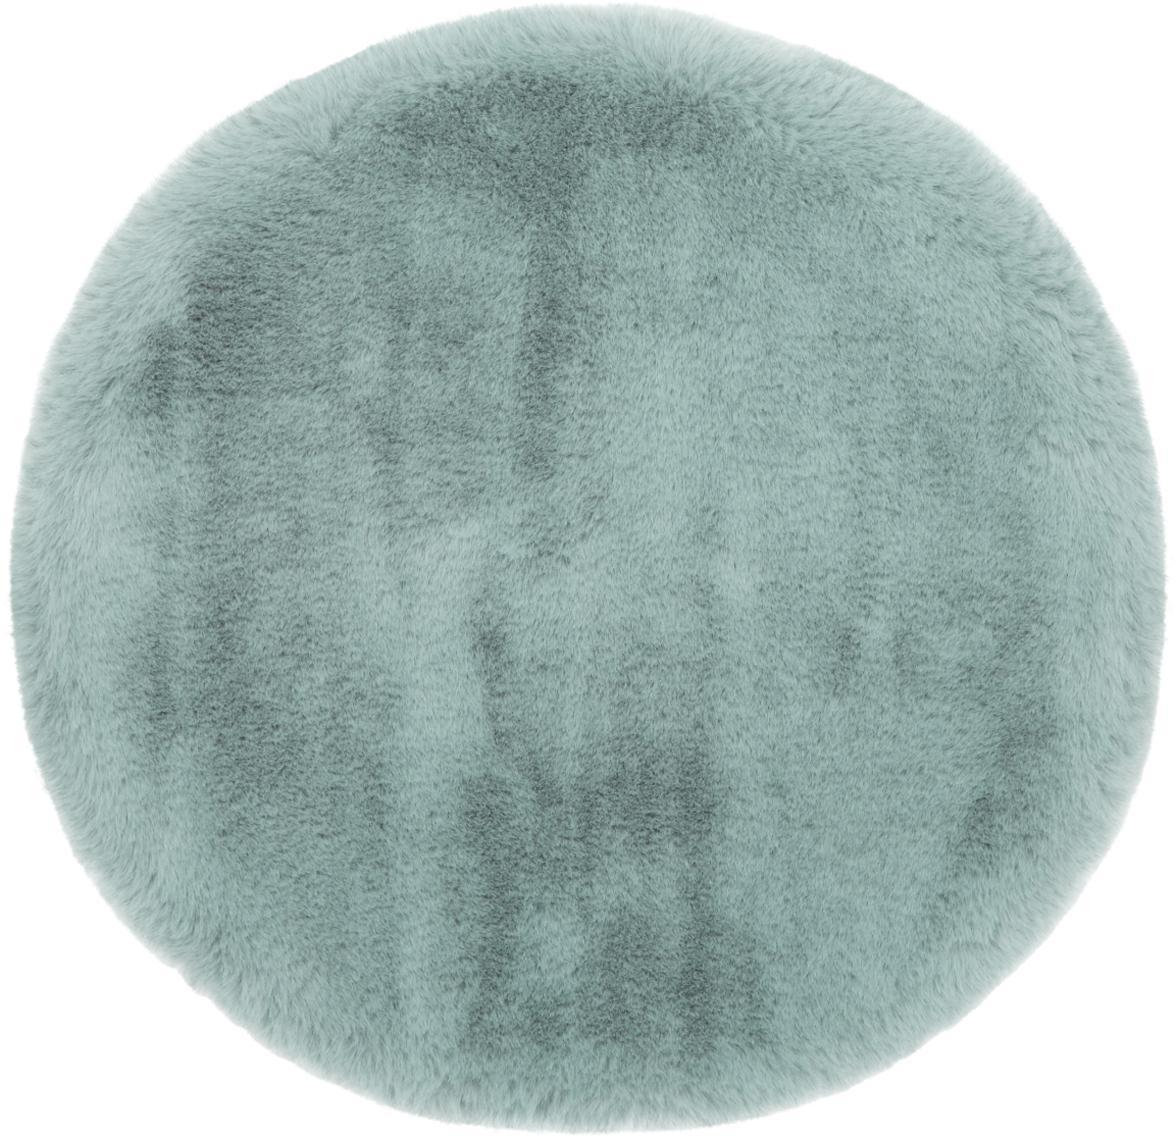 Rond zitkussen van imitatievacht Mette, glad, Groen, Ø 37 cm